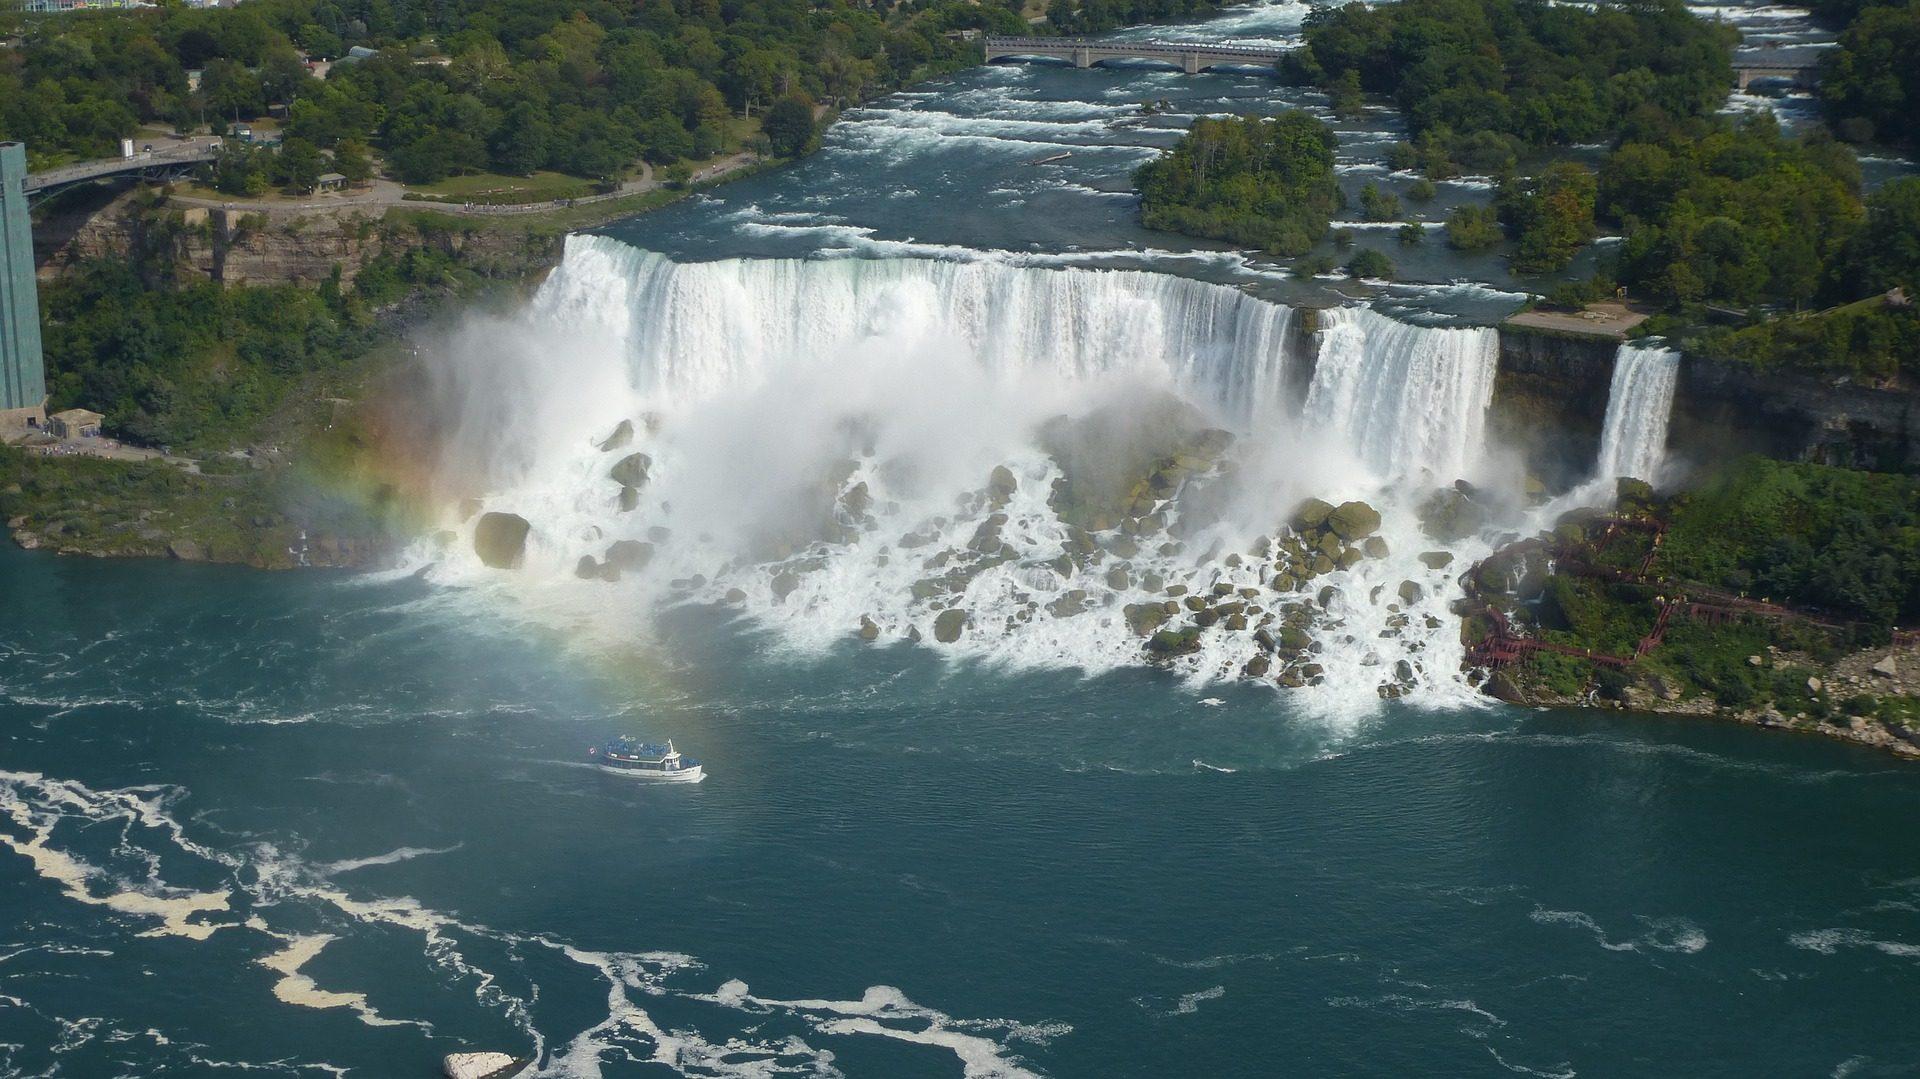 Günstiges Hotel an den Niagarafällen ab 7,04€ die Nacht